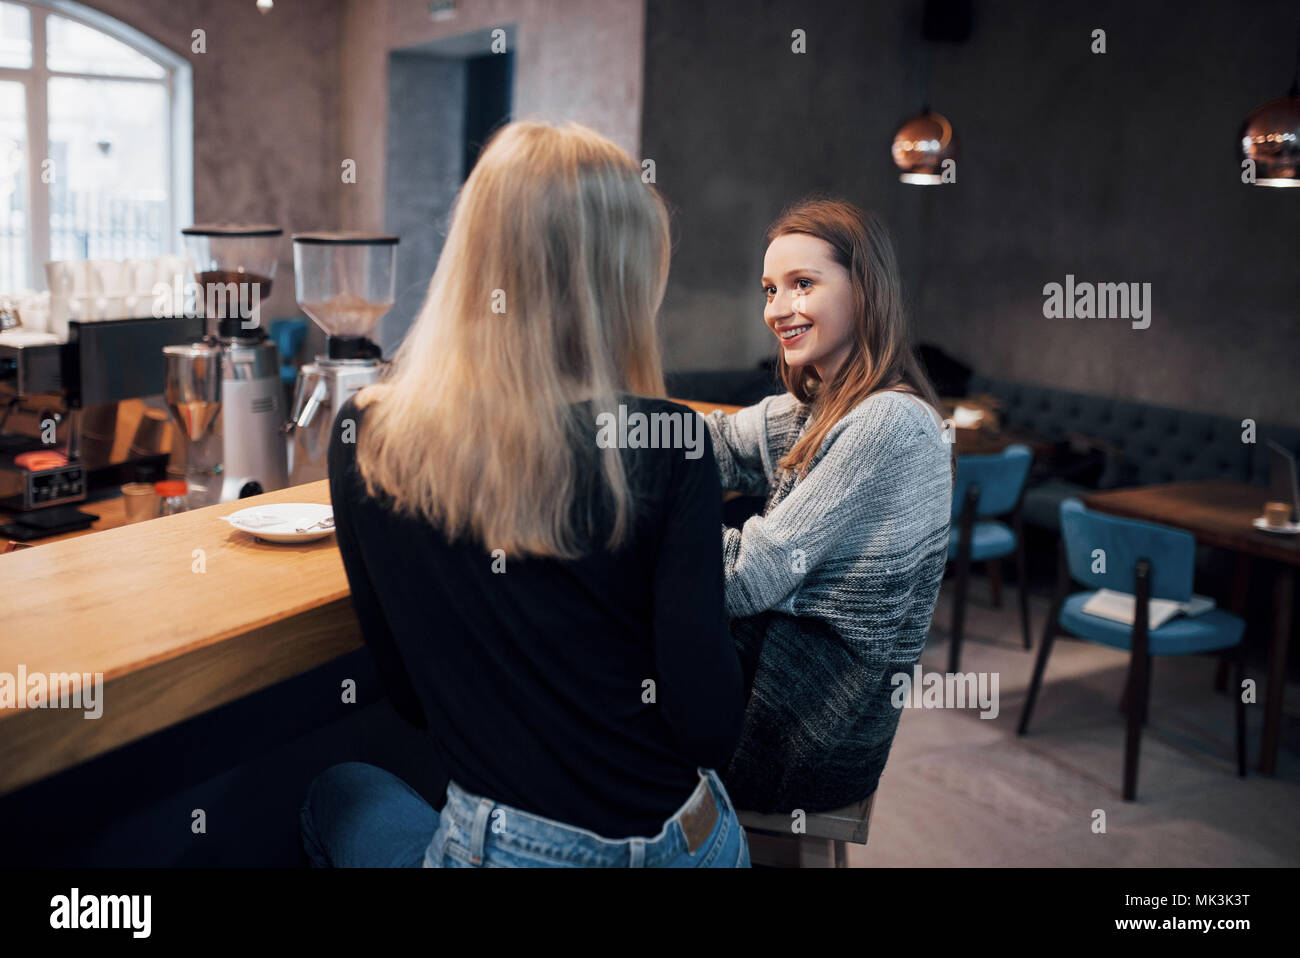 Due gli amici sorseggiando caffè insieme in un negozio di caffè come essi sedersi a un tavolo in chat Foto Stock